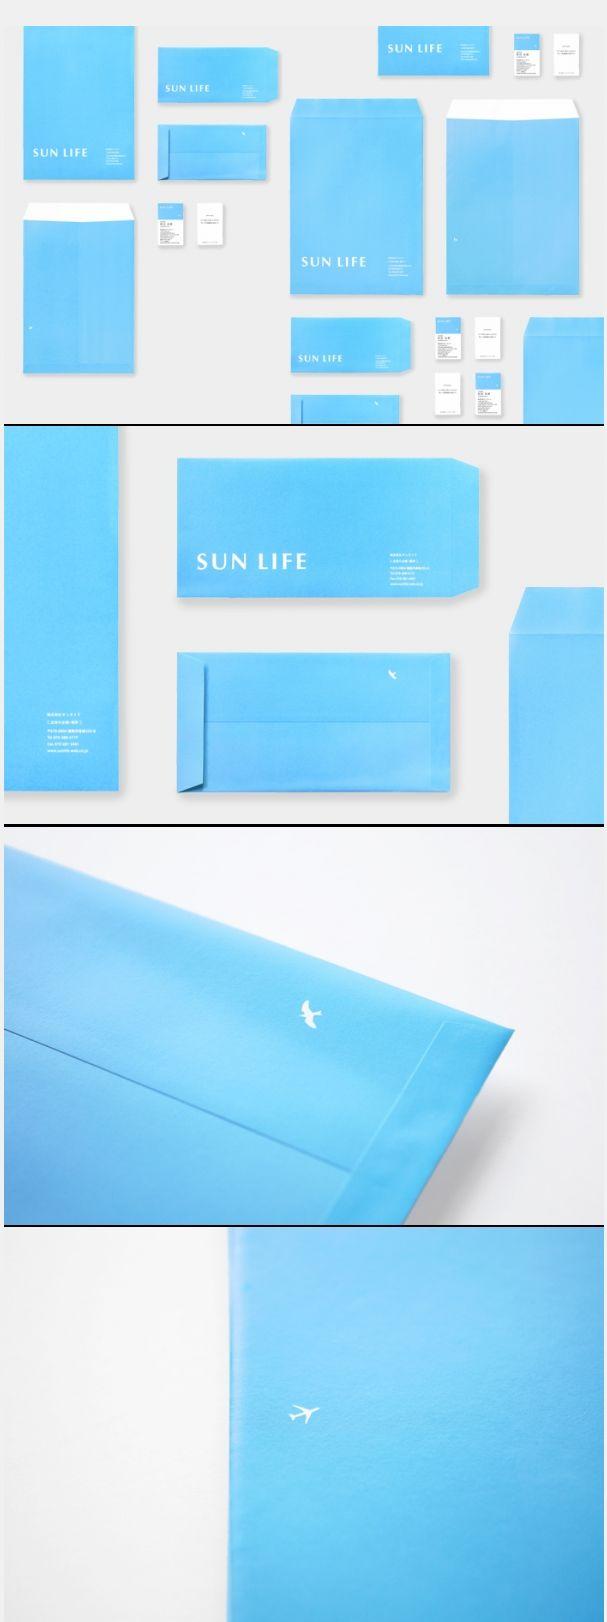 サンライフ SUN LIFE  #identity #branding #suptile #blue #design